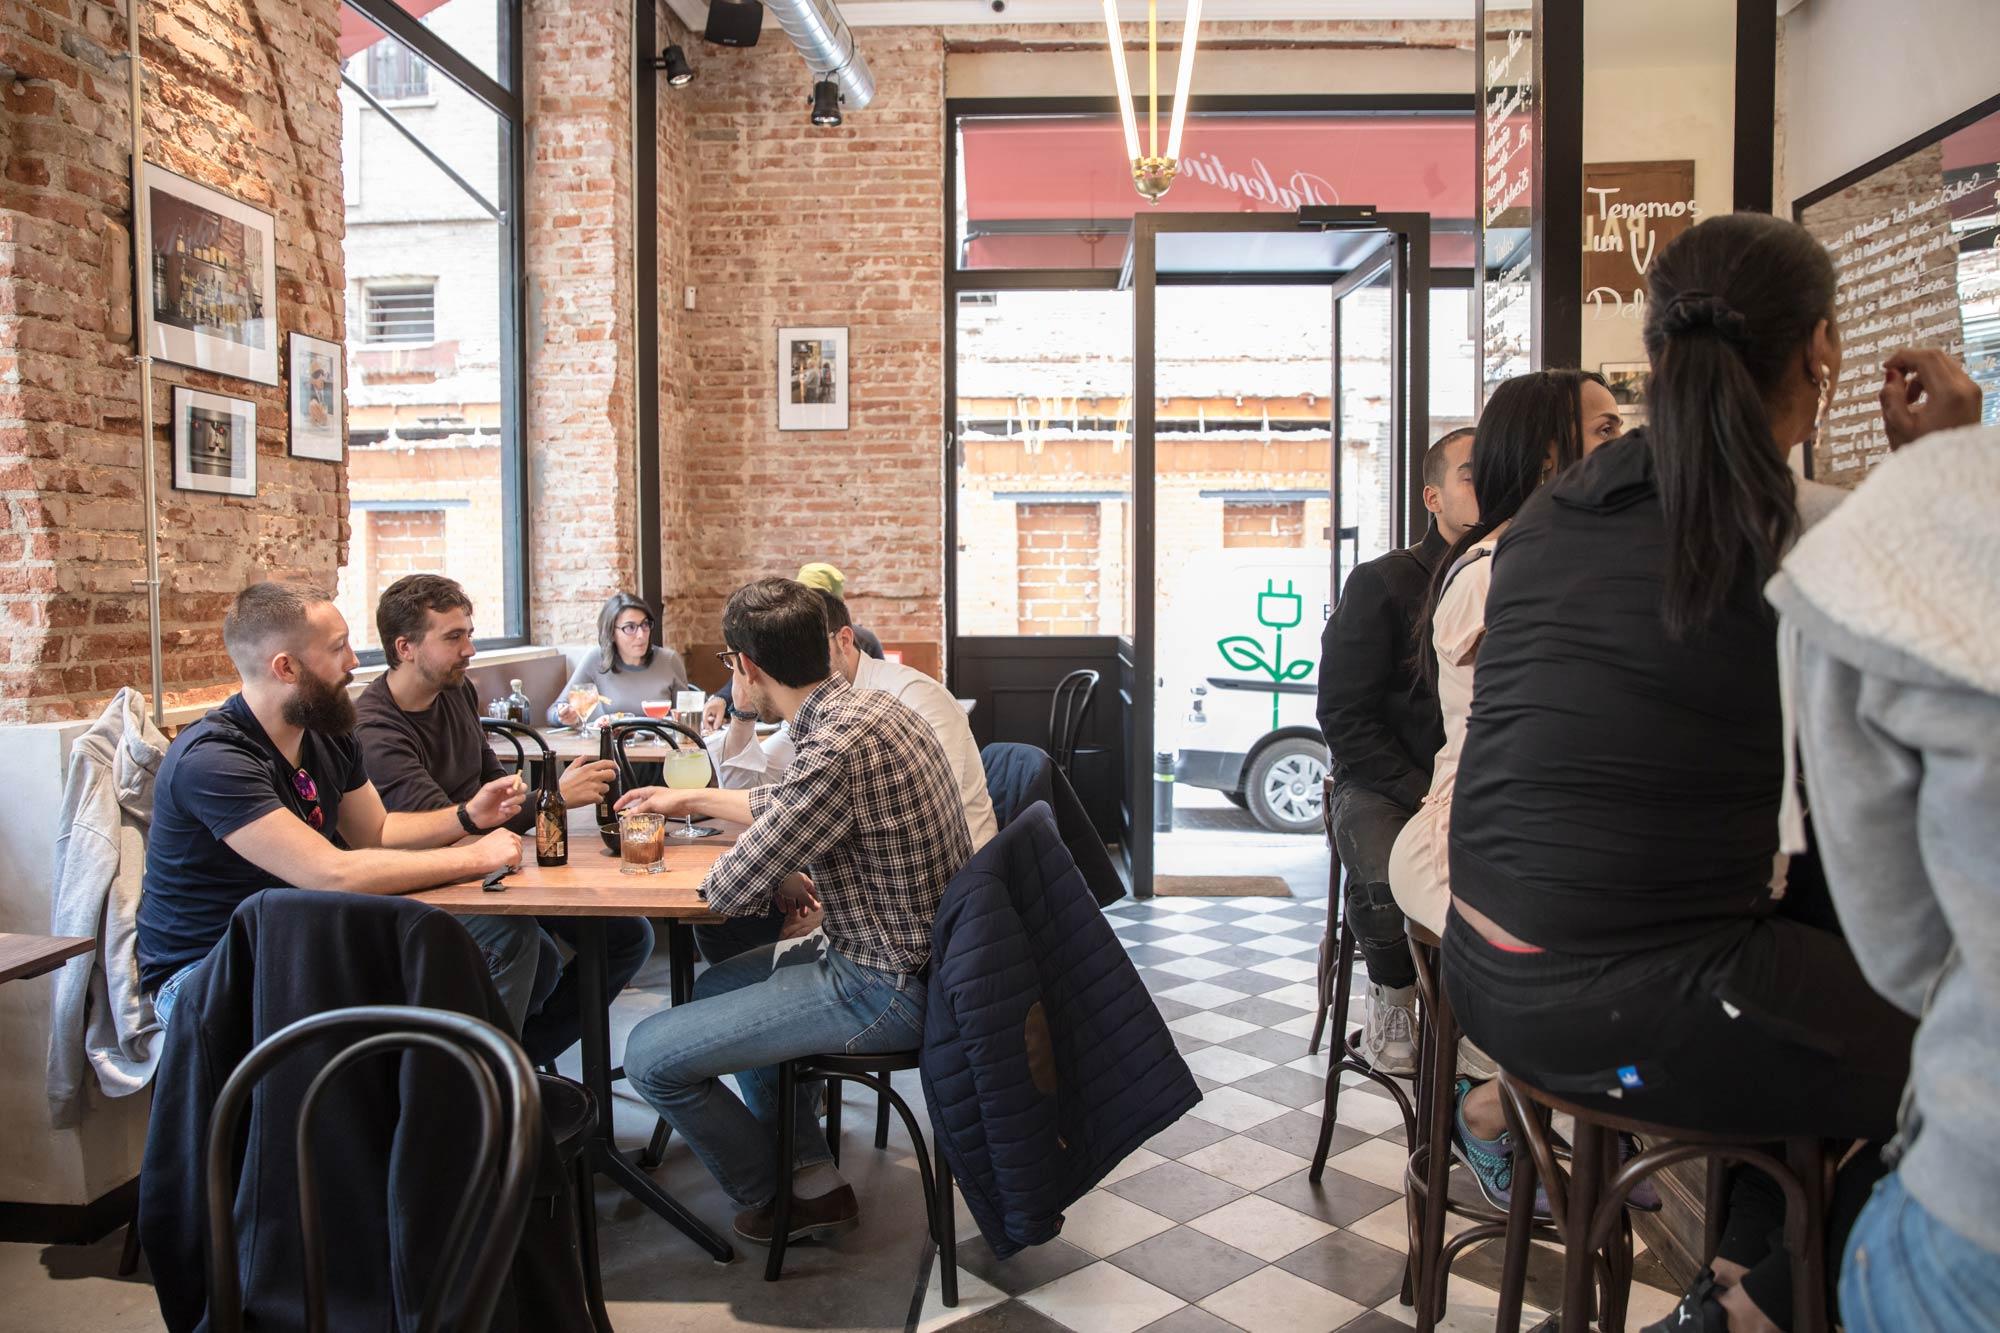 Ambiente del bar 'Palentino' en el barrio de Malasaña.